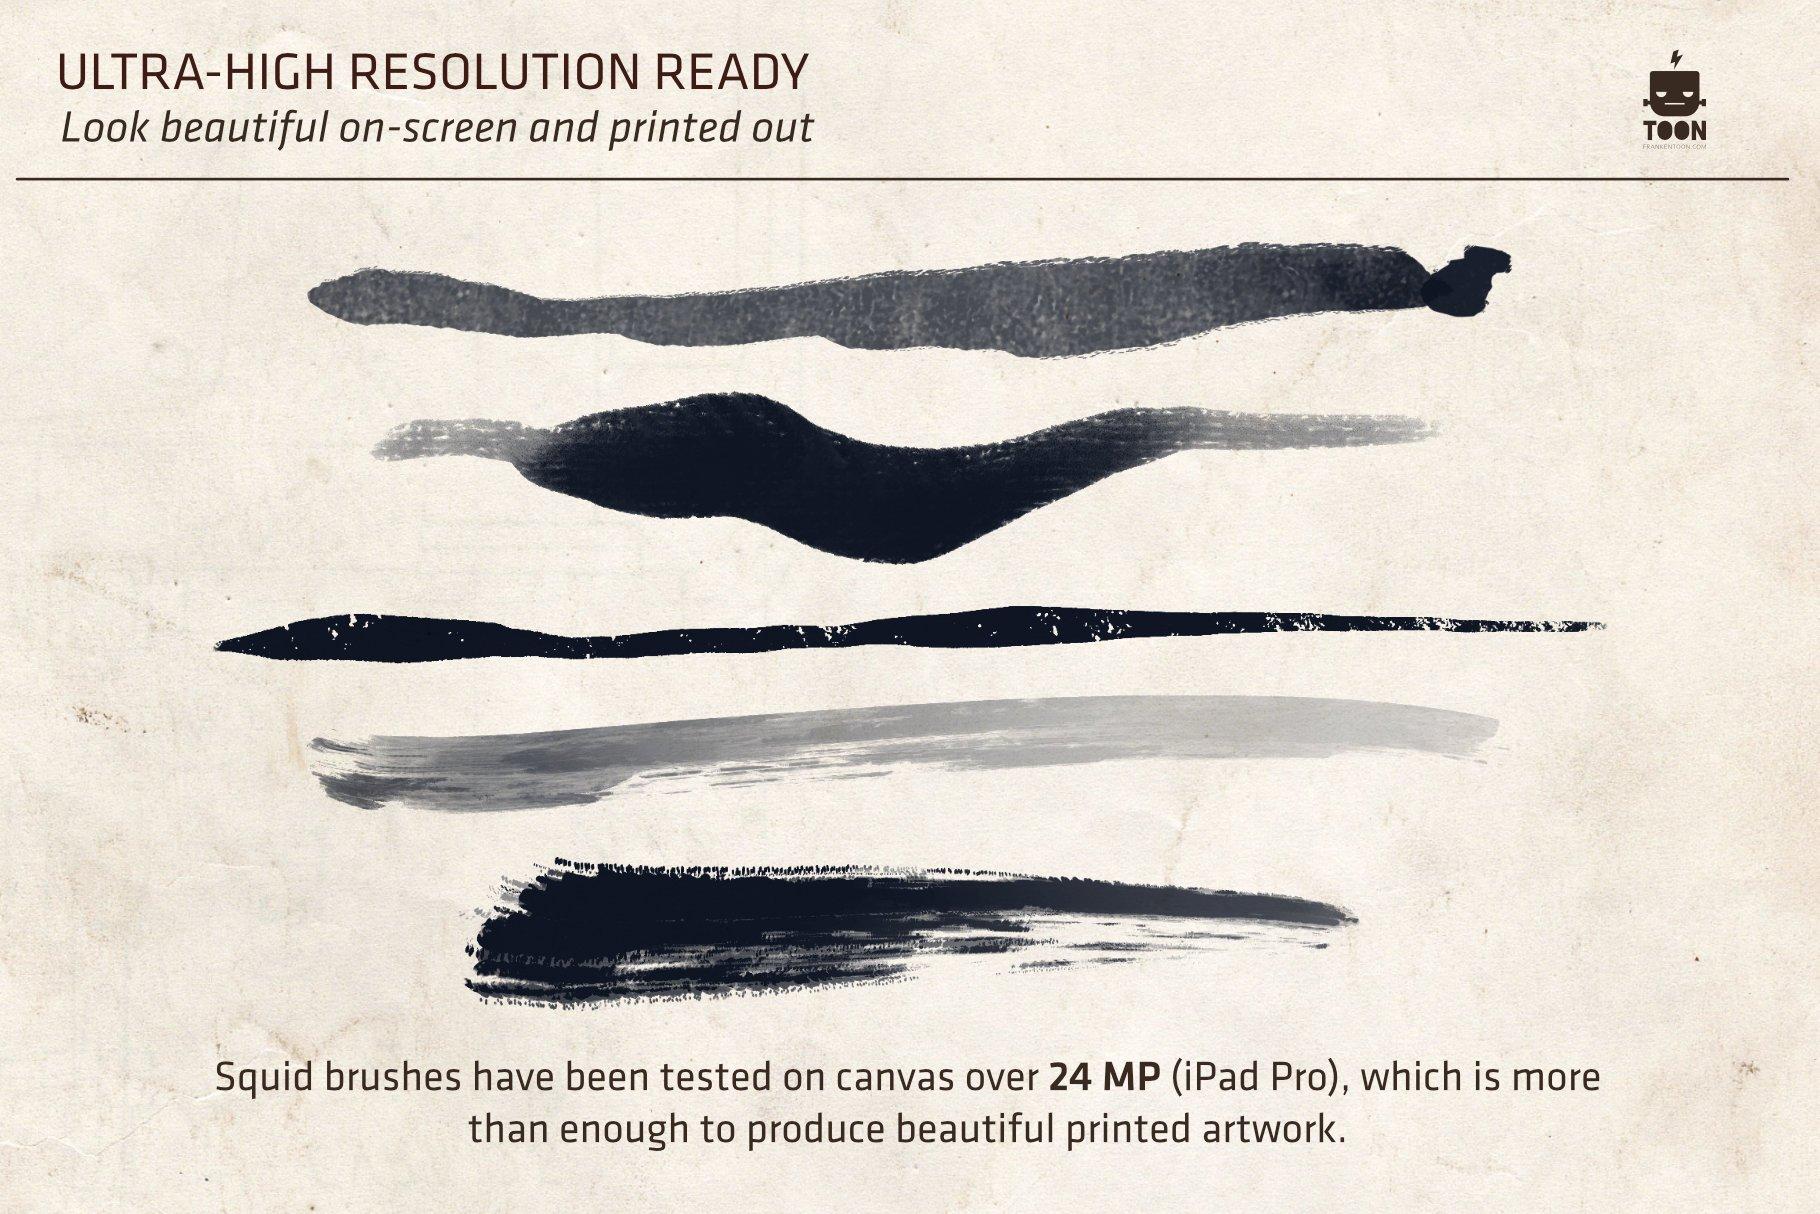 潮流粗糙点状水墨毛笔笔触画笔Procreate笔刷素材 Squid Brush Pack For Procreate插图4